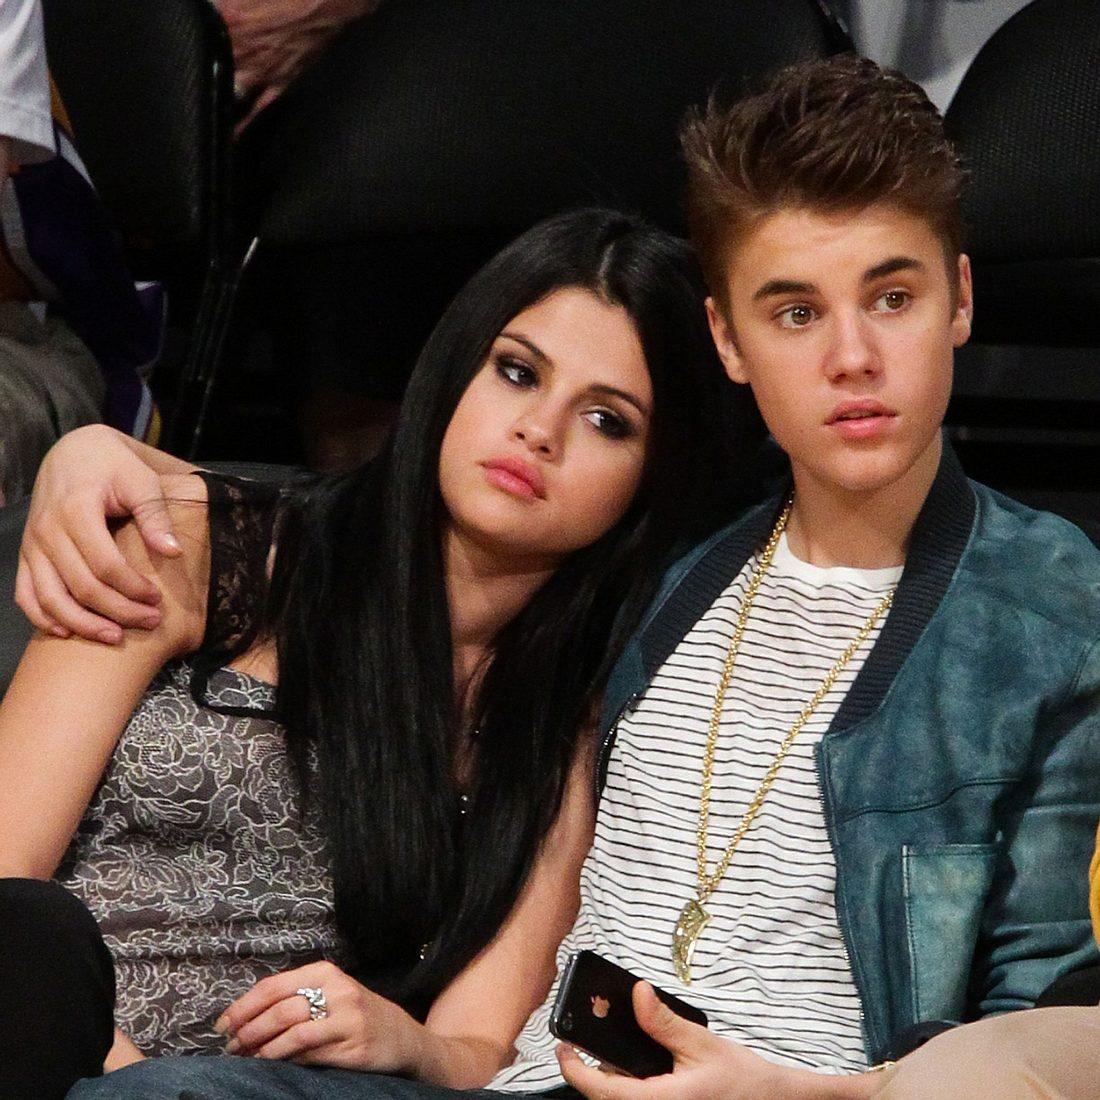 Justin Bieber und Selena Gomez: Jetzt sprechen sie Liebes-Klartext!